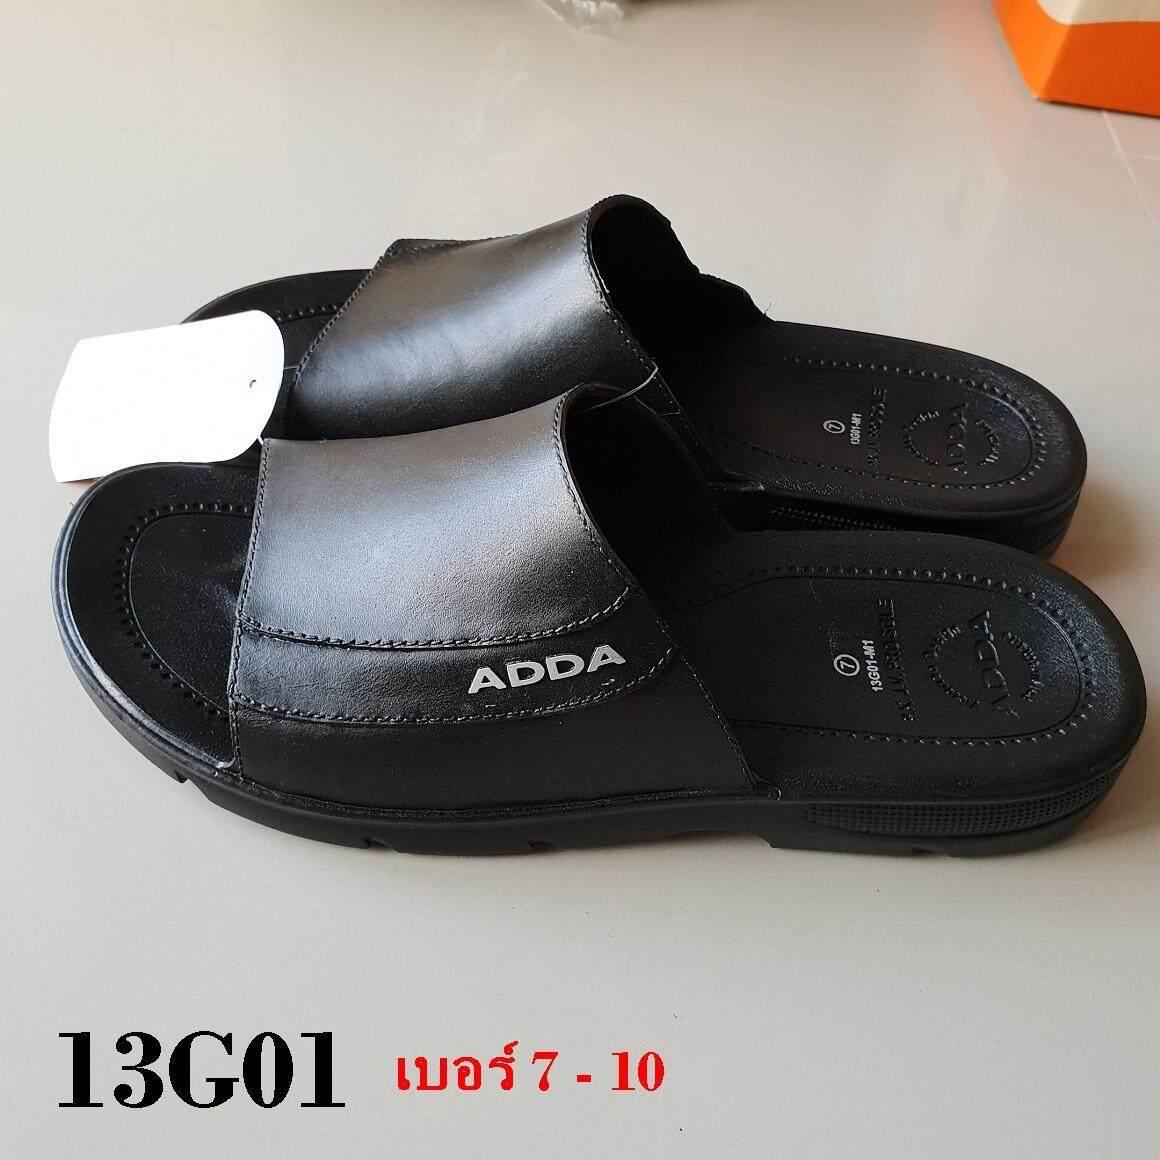 รองเท้าแตะ แอดด้า ADDA รองเท้าแตะชาย แบบสวมสีดำ รุ่น 13G01 พื้นหนา ใส่นุ่มสบาย ราคาถูกมากกกกกกกกก